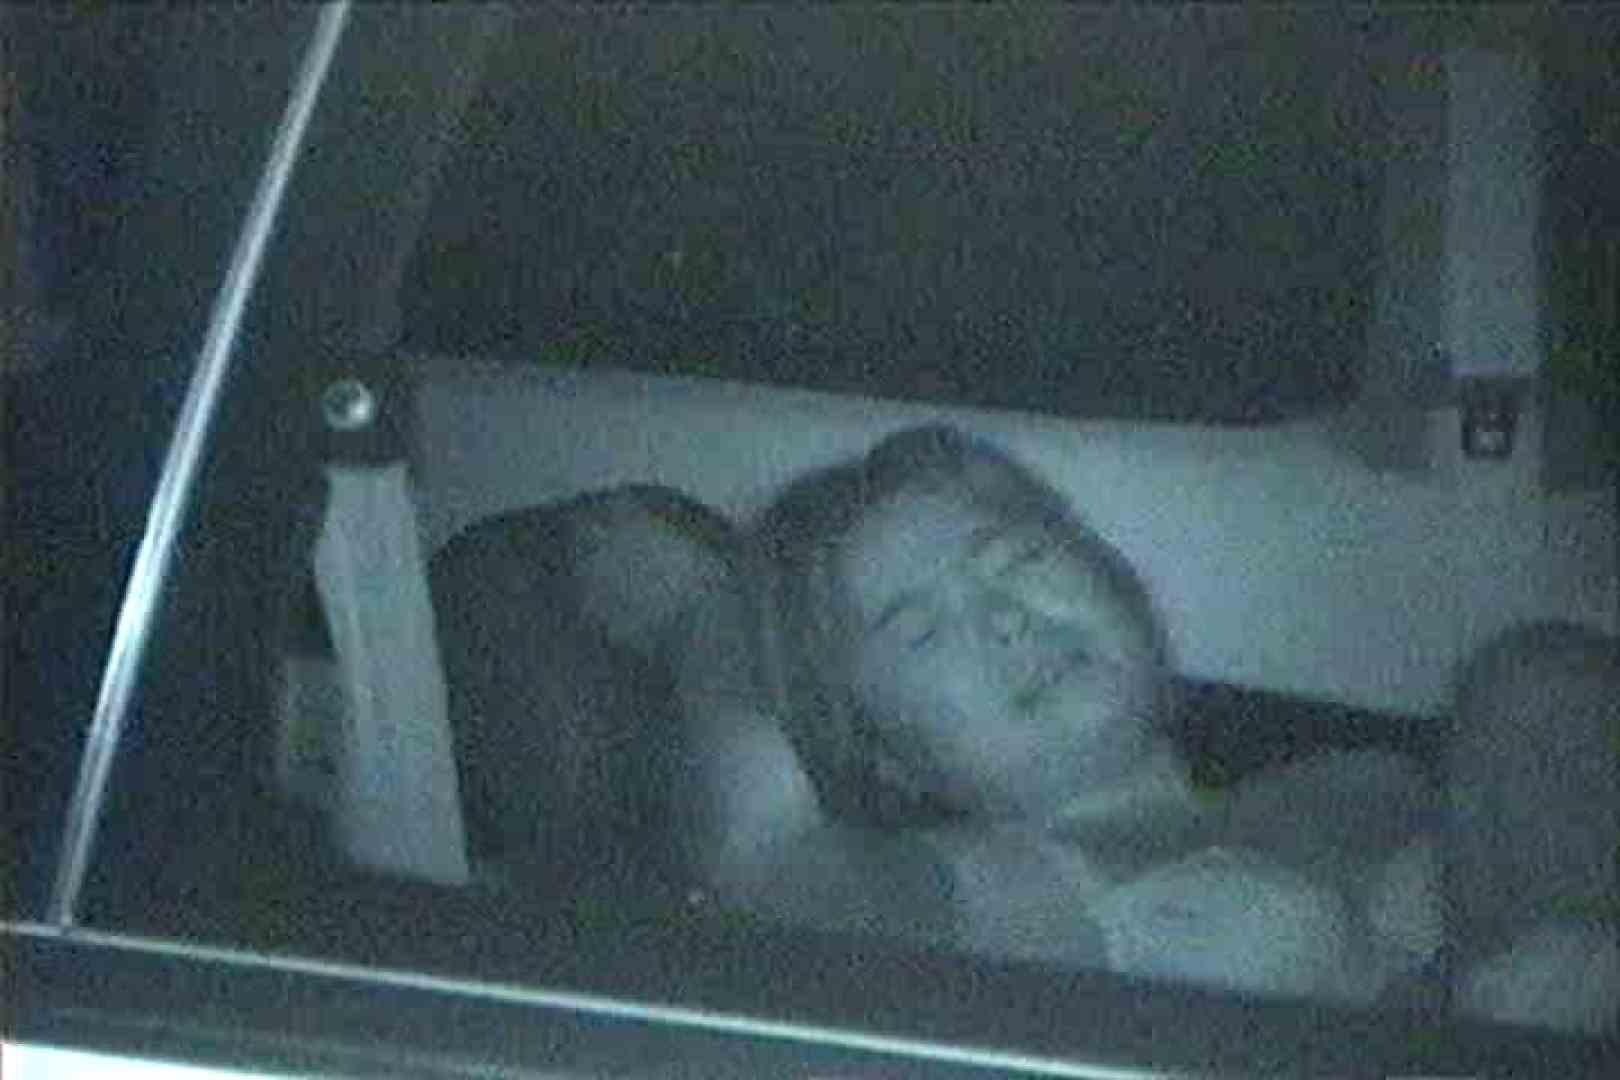 車の中はラブホテル 無修正版  Vol.24 卑猥 のぞき動画画像 48画像 45